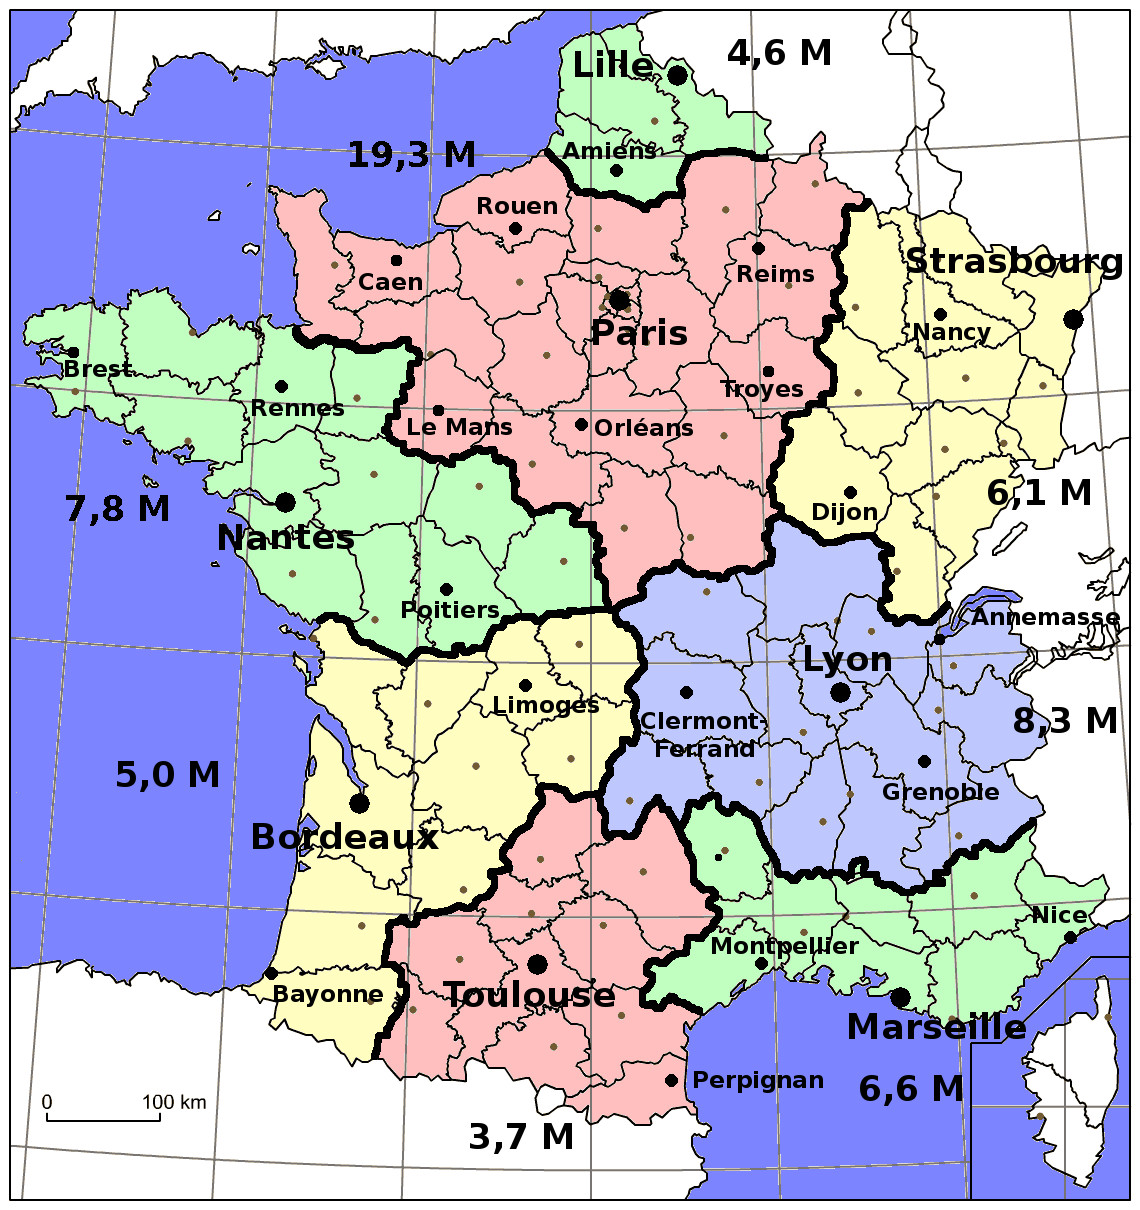 Une vraie autonomie r gionale est possible mais pour 8 r gions seulement m - Region la plus sure de france ...